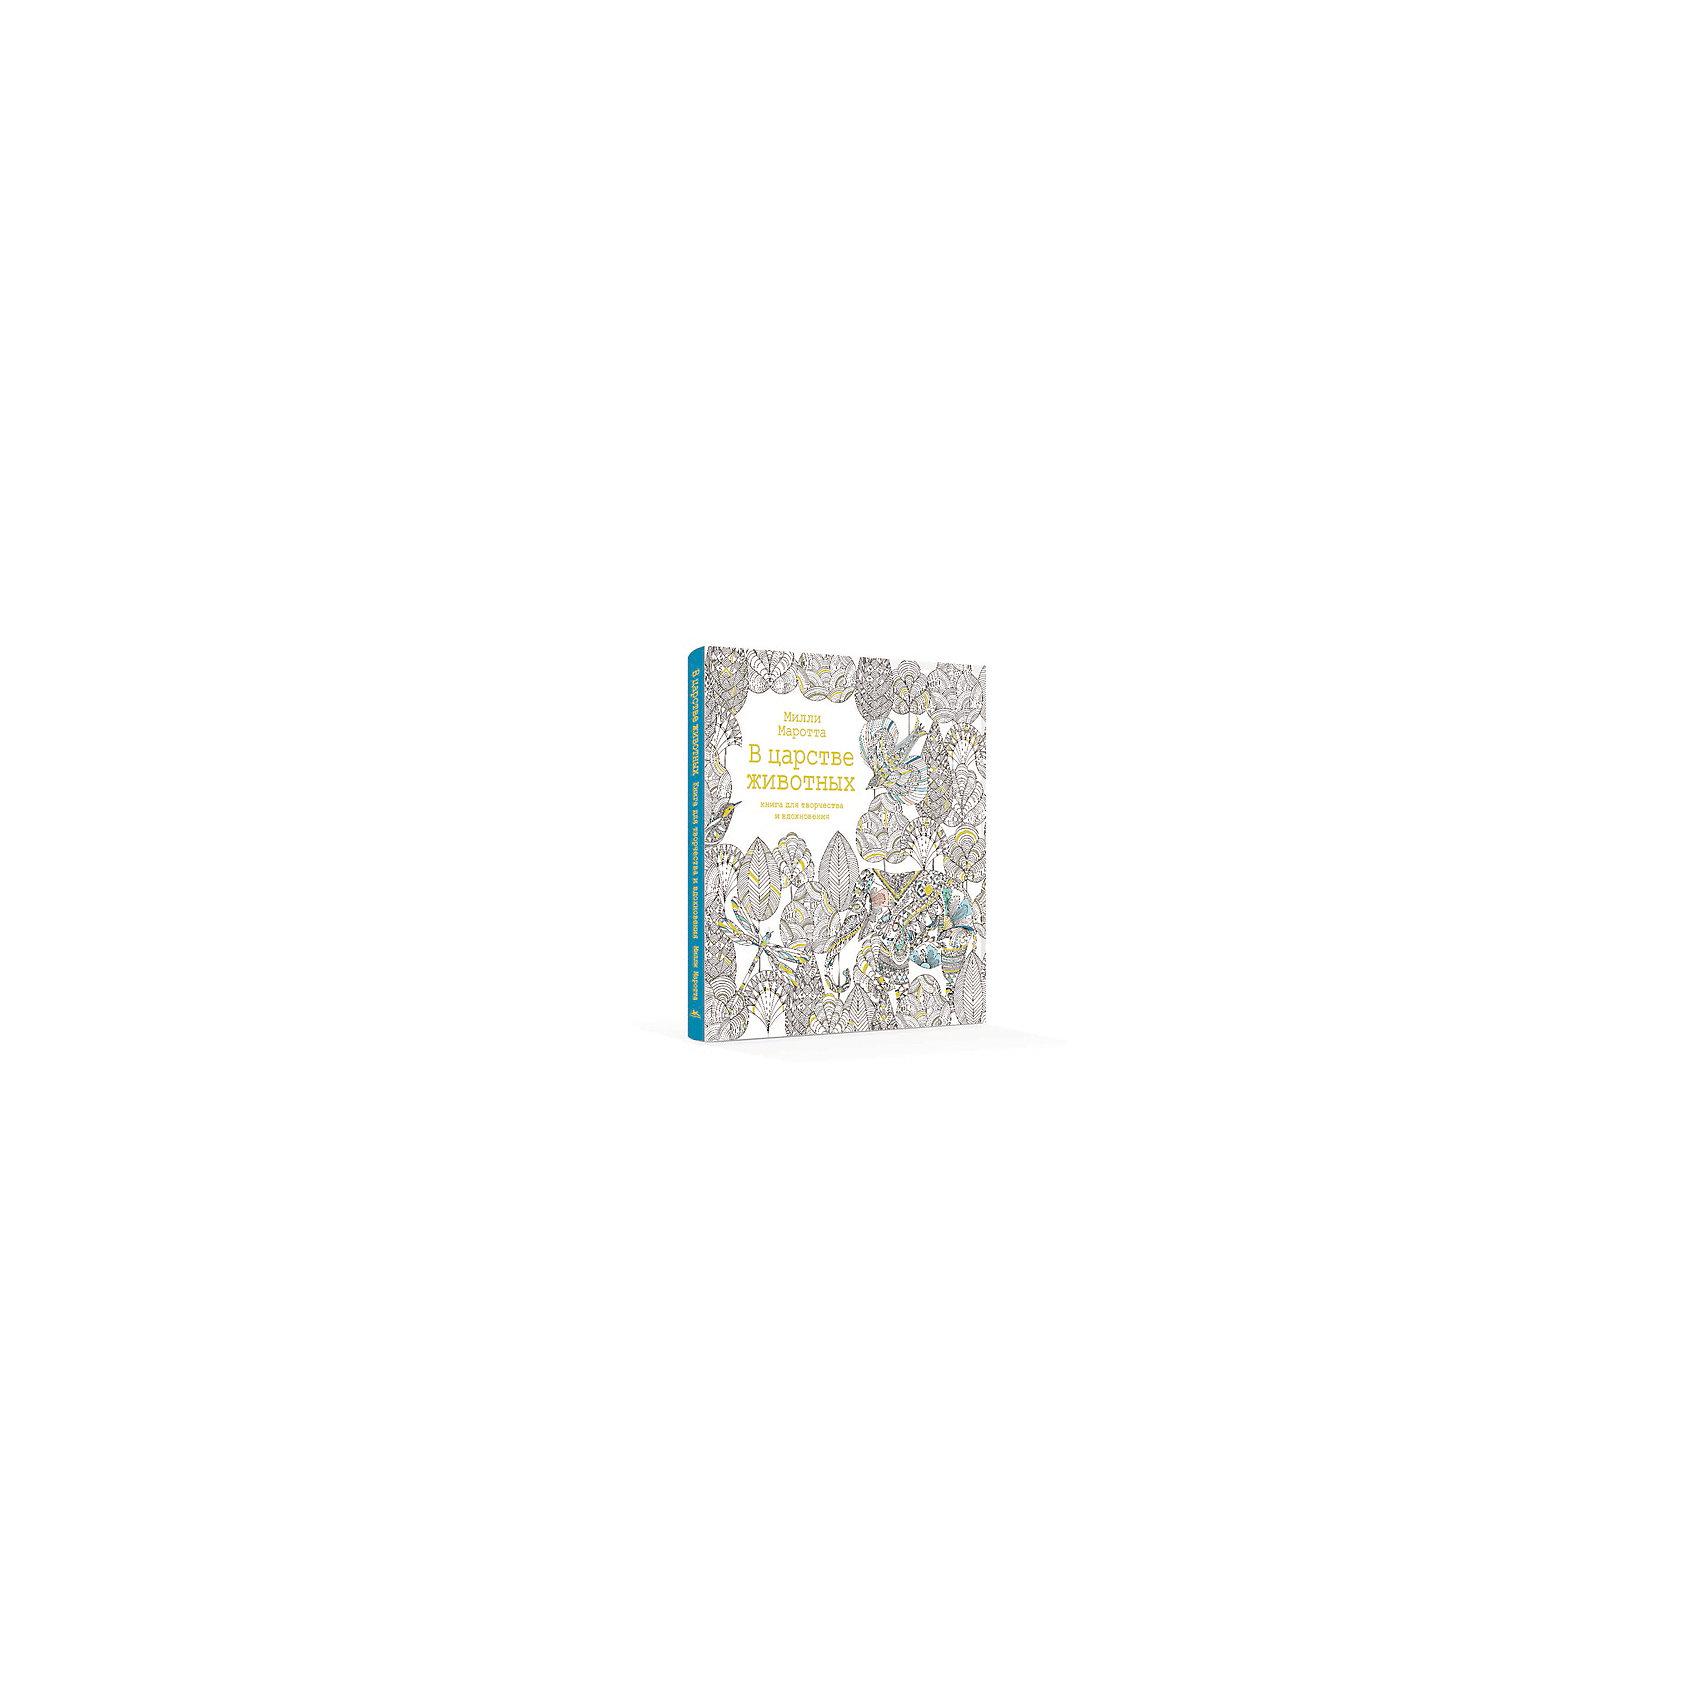 Книга В царстве животныхХудожник-иллюстратор Милли Маротта выросла в сказочном Уэльсе в окружении растений и животных. Она работает в студии у моря и черпает вдохновение в живой природе. Удивительный мир царства животных оживает на страницах книги для творчества и вдохновения.<br><br>Ширина мм: 258<br>Глубина мм: 257<br>Высота мм: 110<br>Вес г: 627<br>Возраст от месяцев: -2147483648<br>Возраст до месяцев: 2147483647<br>Пол: Унисекс<br>Возраст: Детский<br>SKU: 5493538